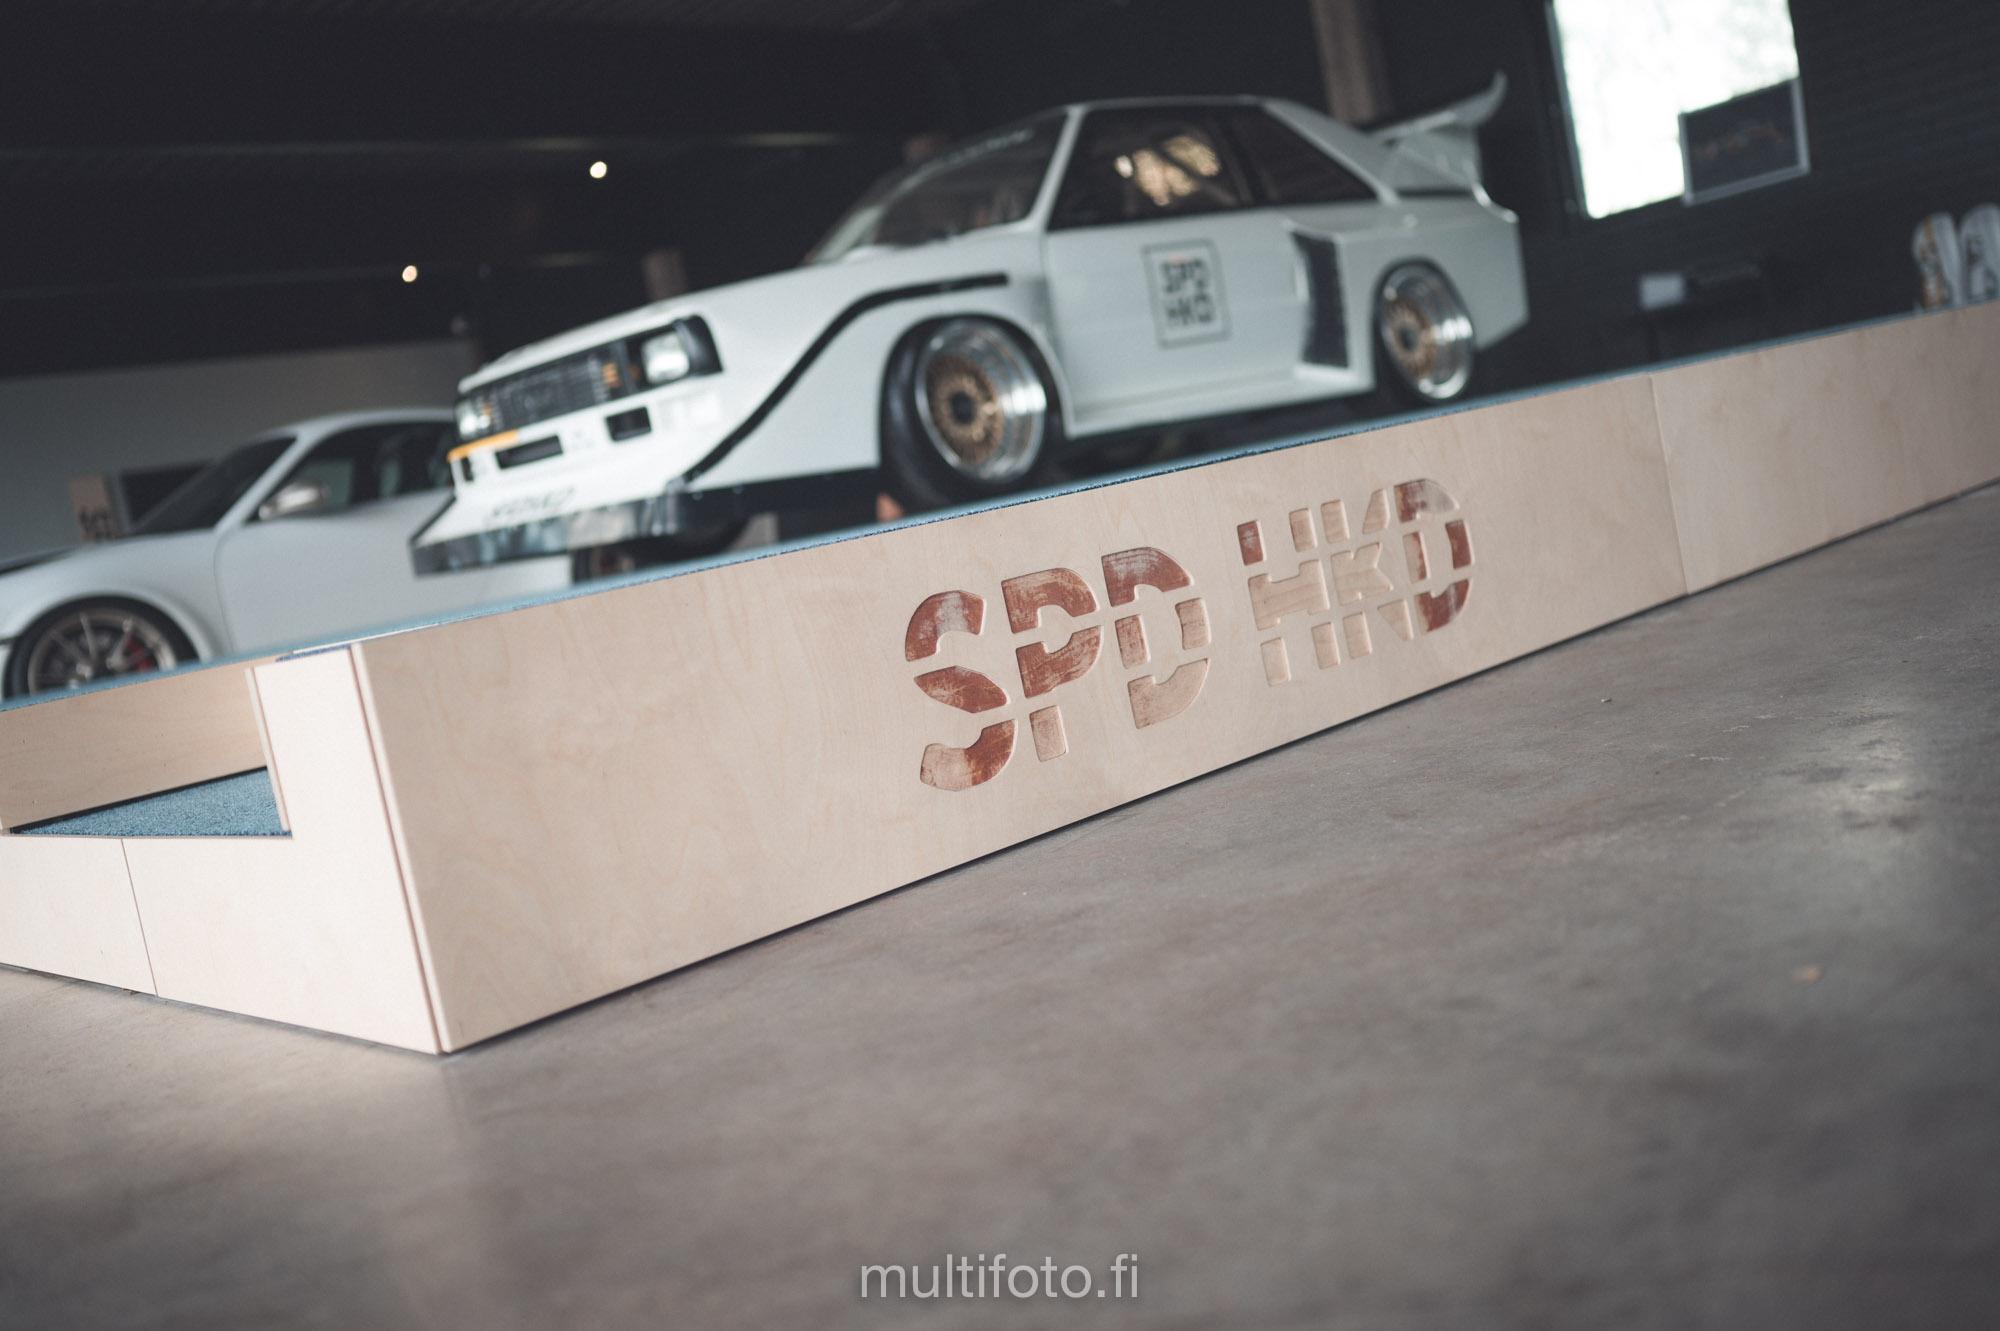 SPDHKD-119.jpg